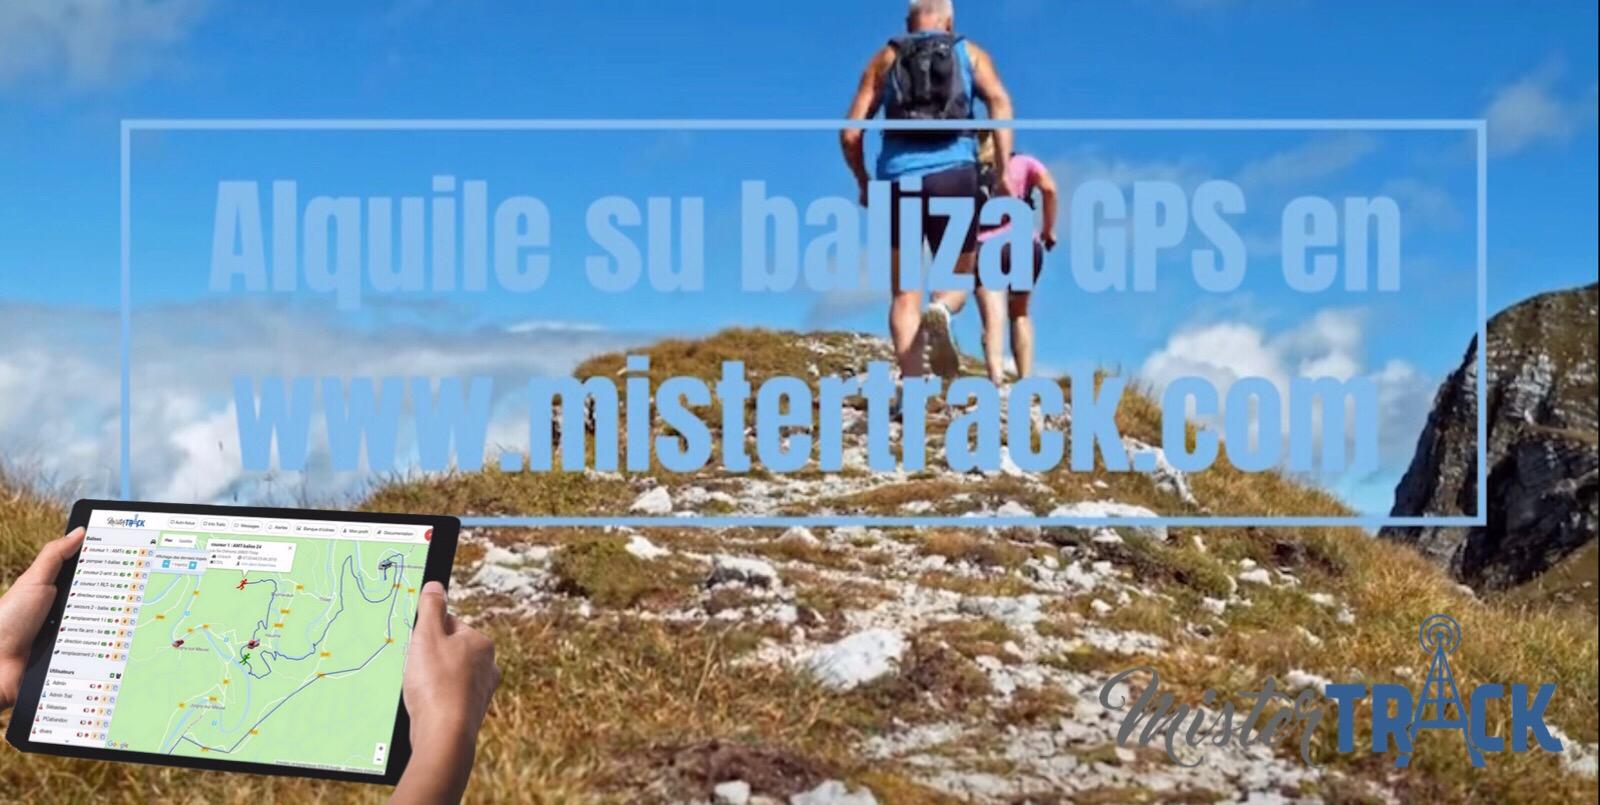 Baliza GPS para trail y raid de aventura : alquiler de balizas GPS Mister Track